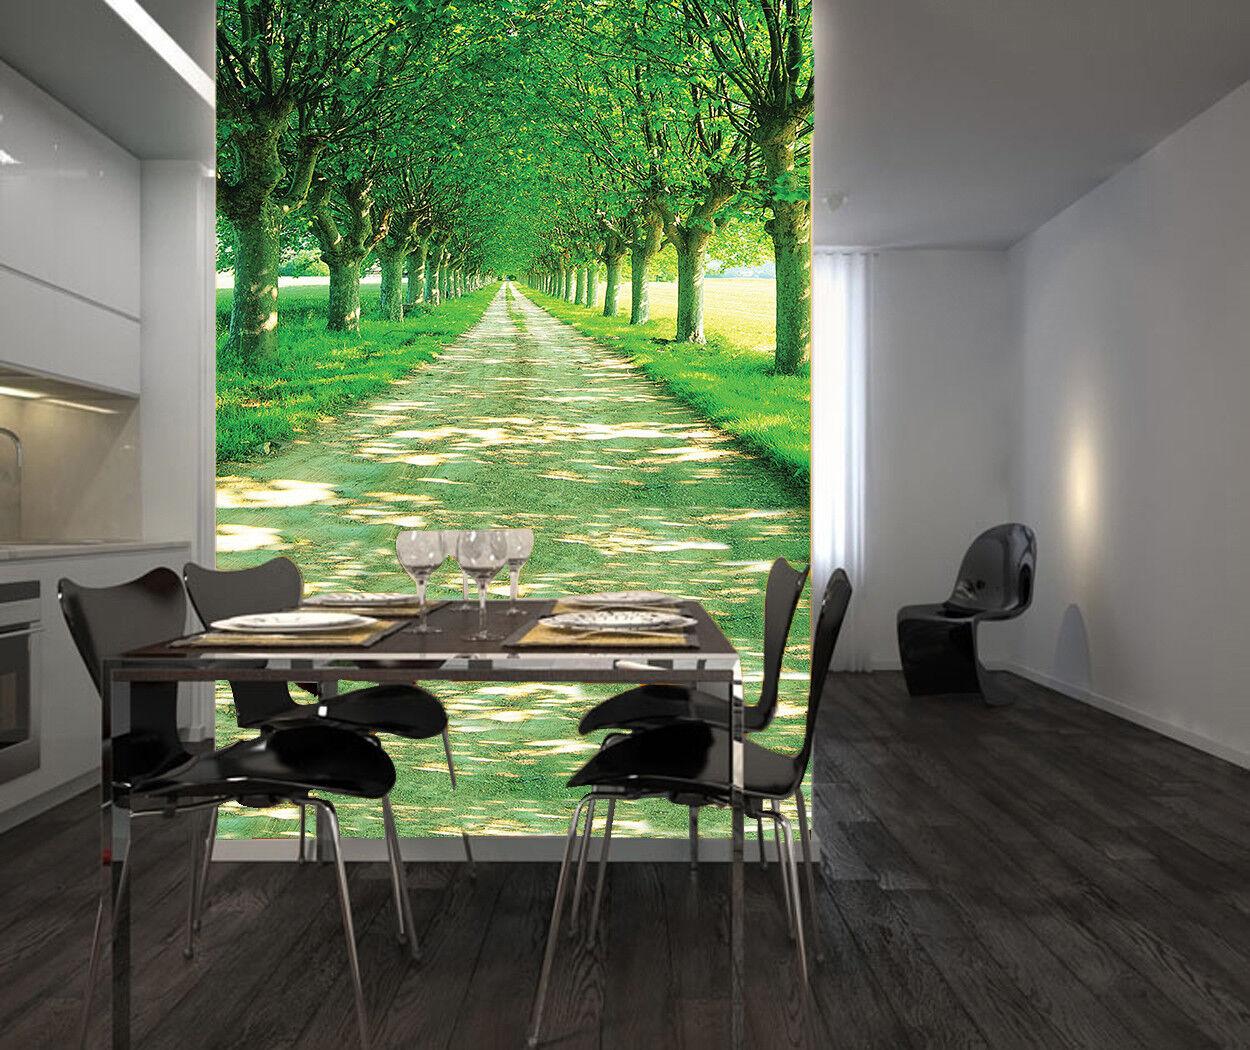 3D Grün Forest Path9 Wallpaper Mural Paper Wall Print Wallpaper Murals UK Lemon